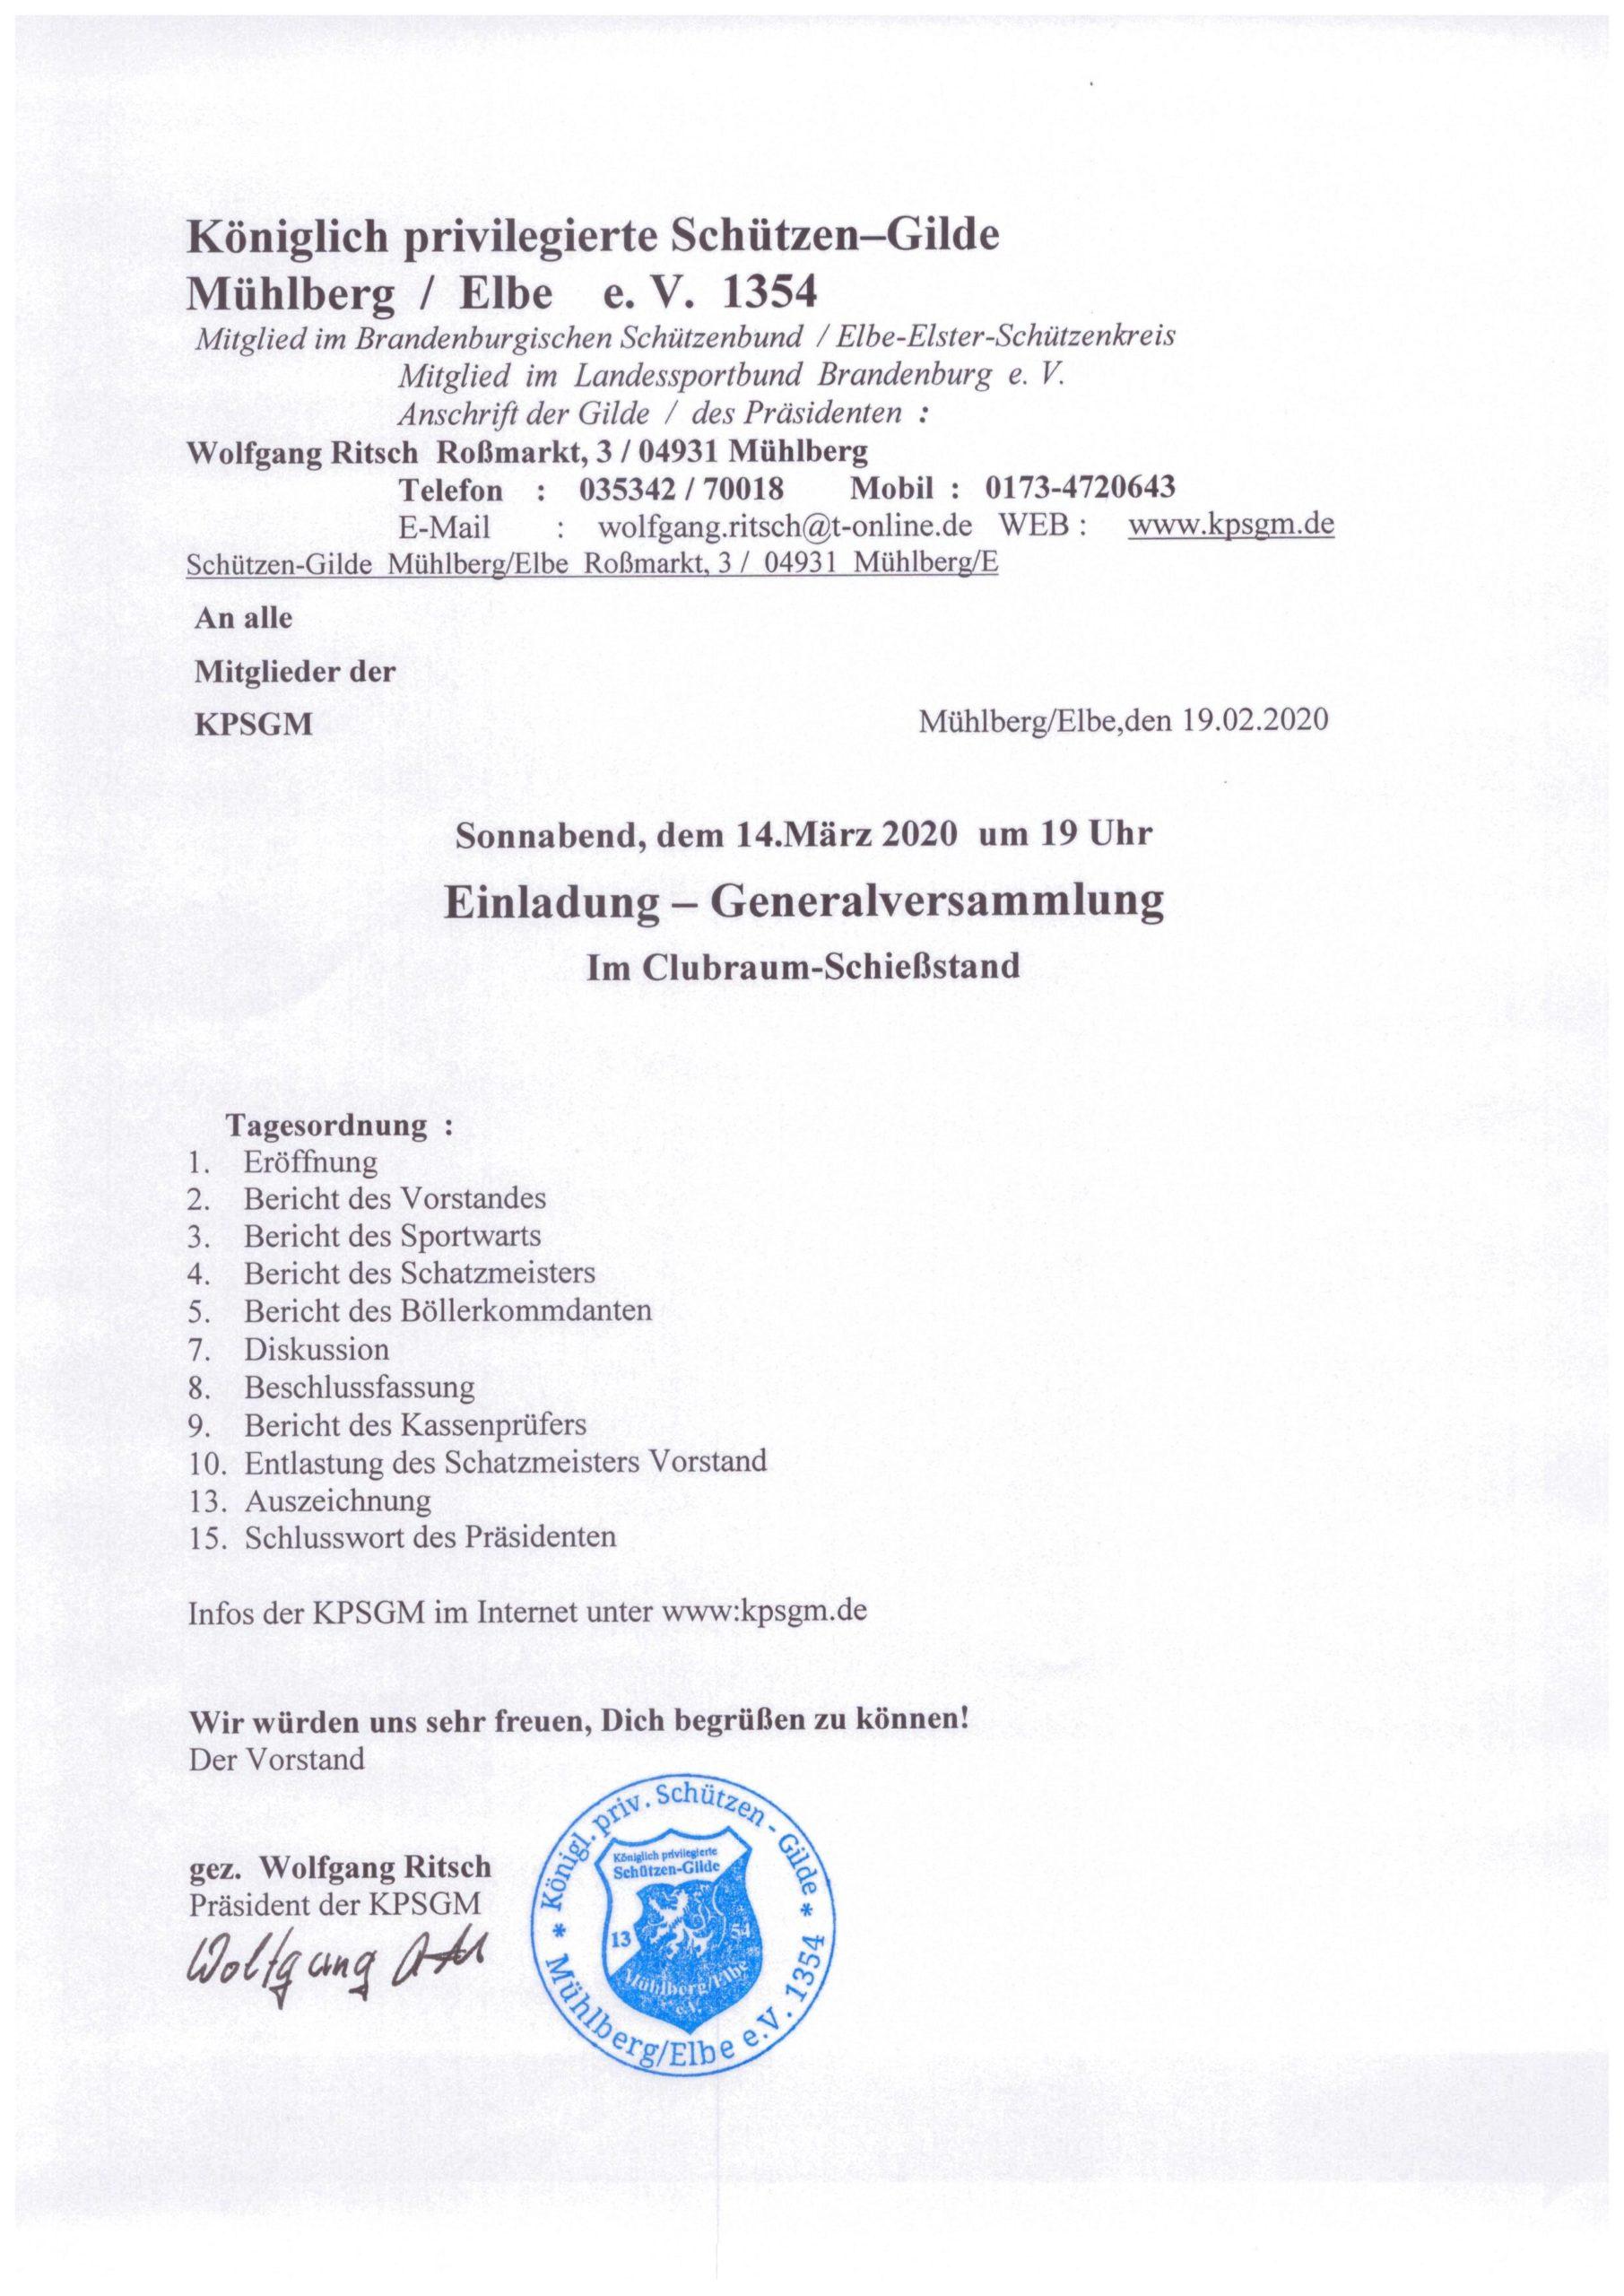 Generalversammlung KPSGM 2020